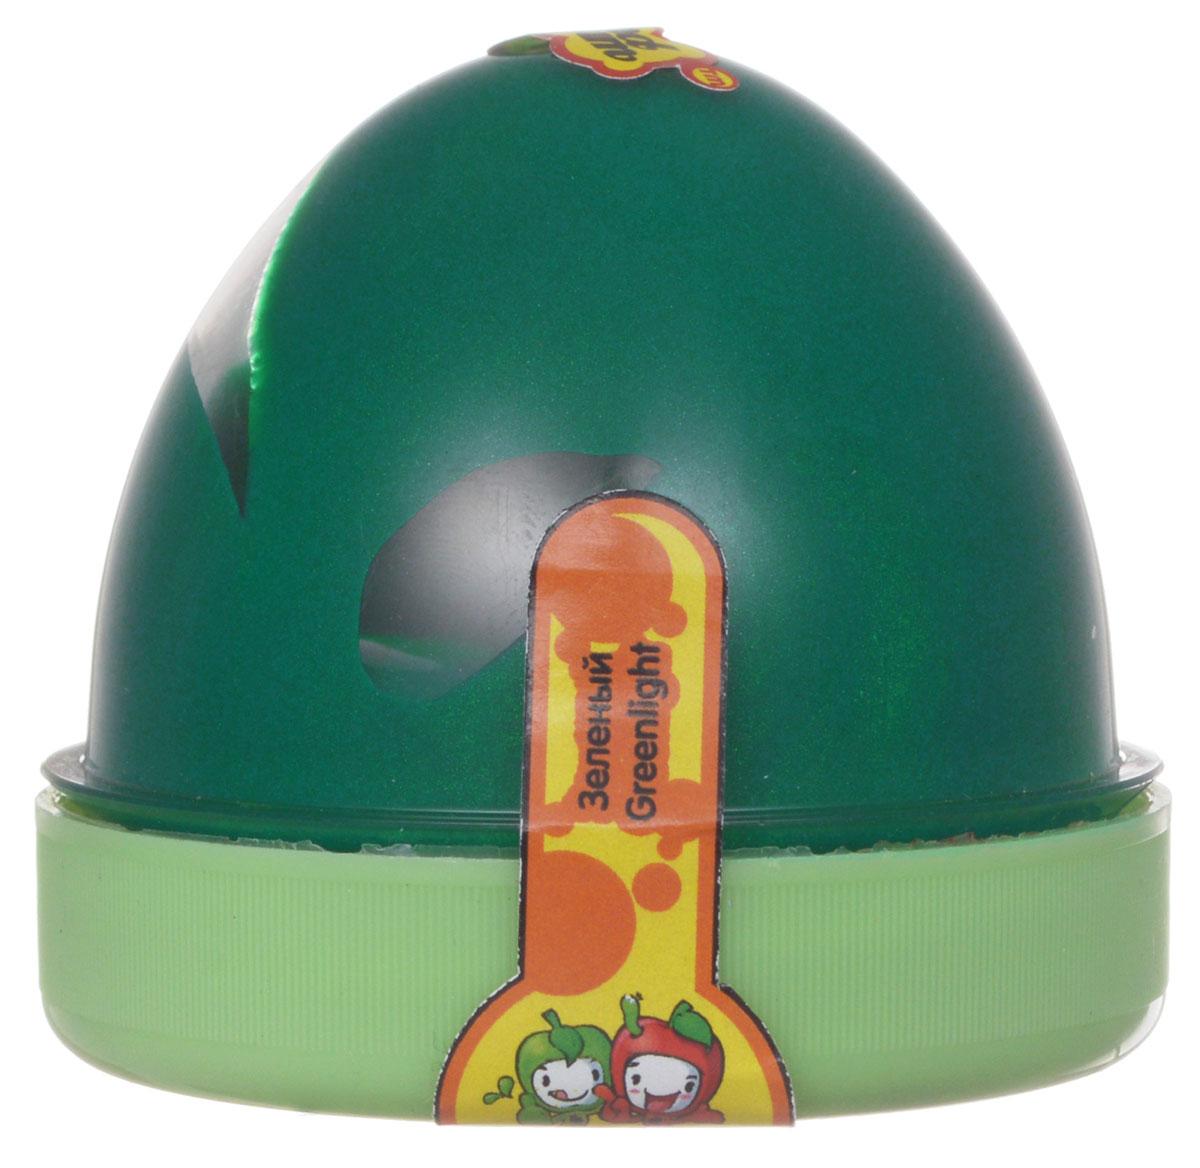 Жвачка для рук  ТМ HandGum , цвет: зеленый, с запахом яблока, 70 г - Развлекательные игрушки